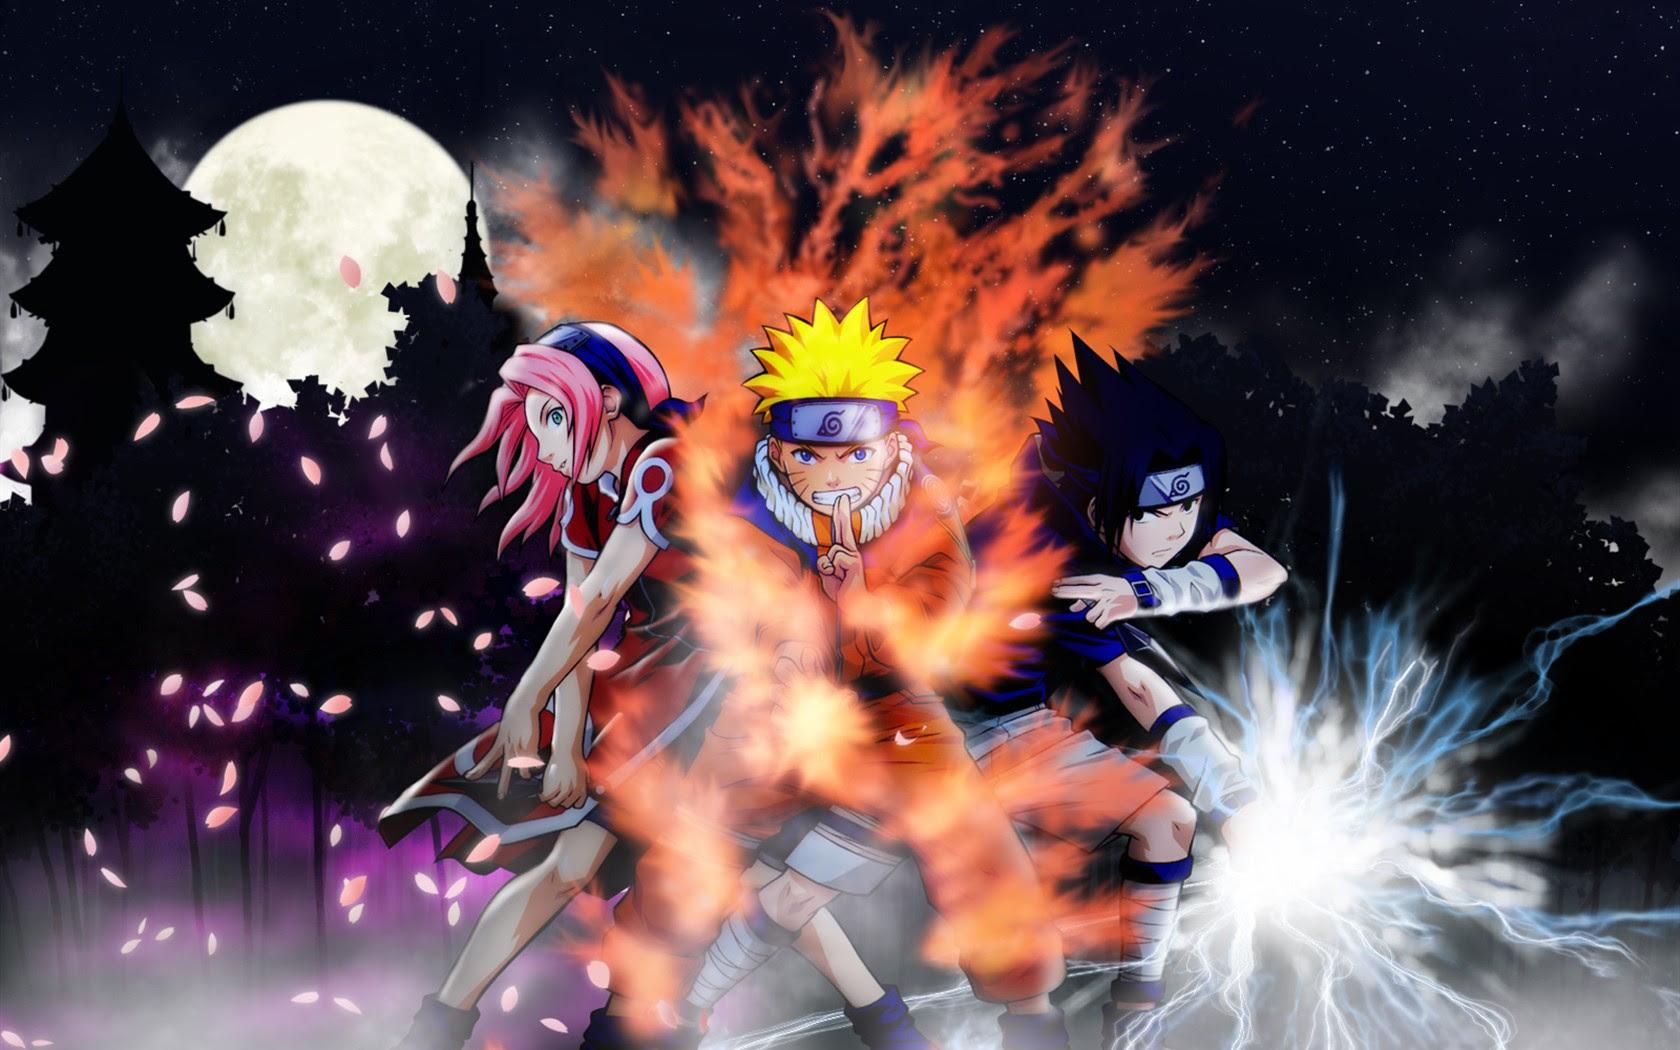 Naruto ナルト 壁紙アルバム 1 13 1680x1050 壁紙ダウンロード